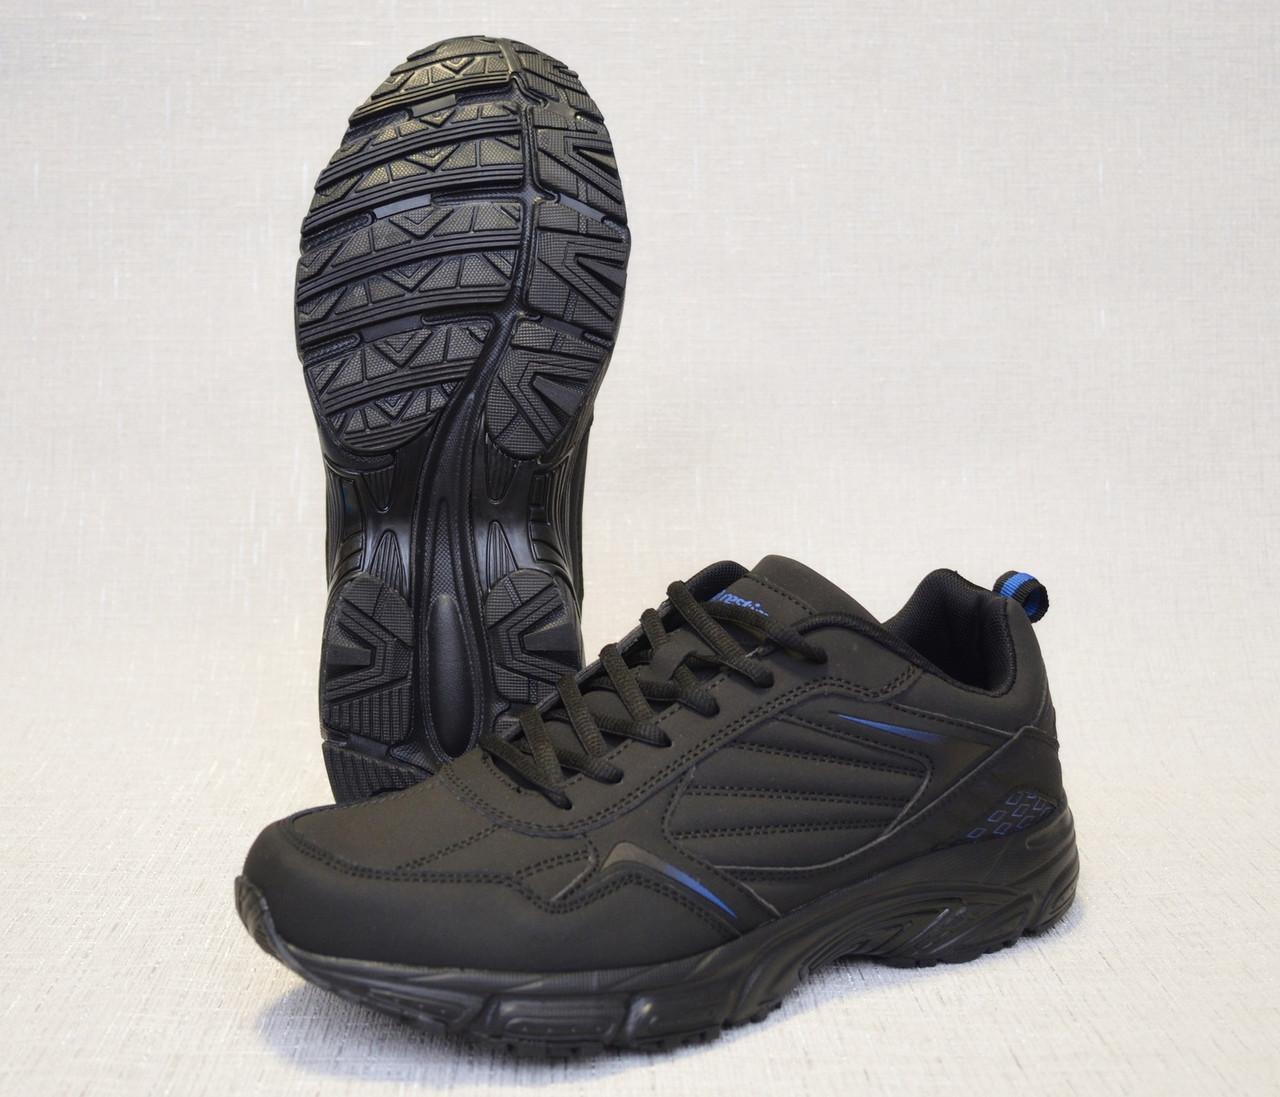 Кроссовки из нубука Restime PMO19502 чёрные с синими вставками